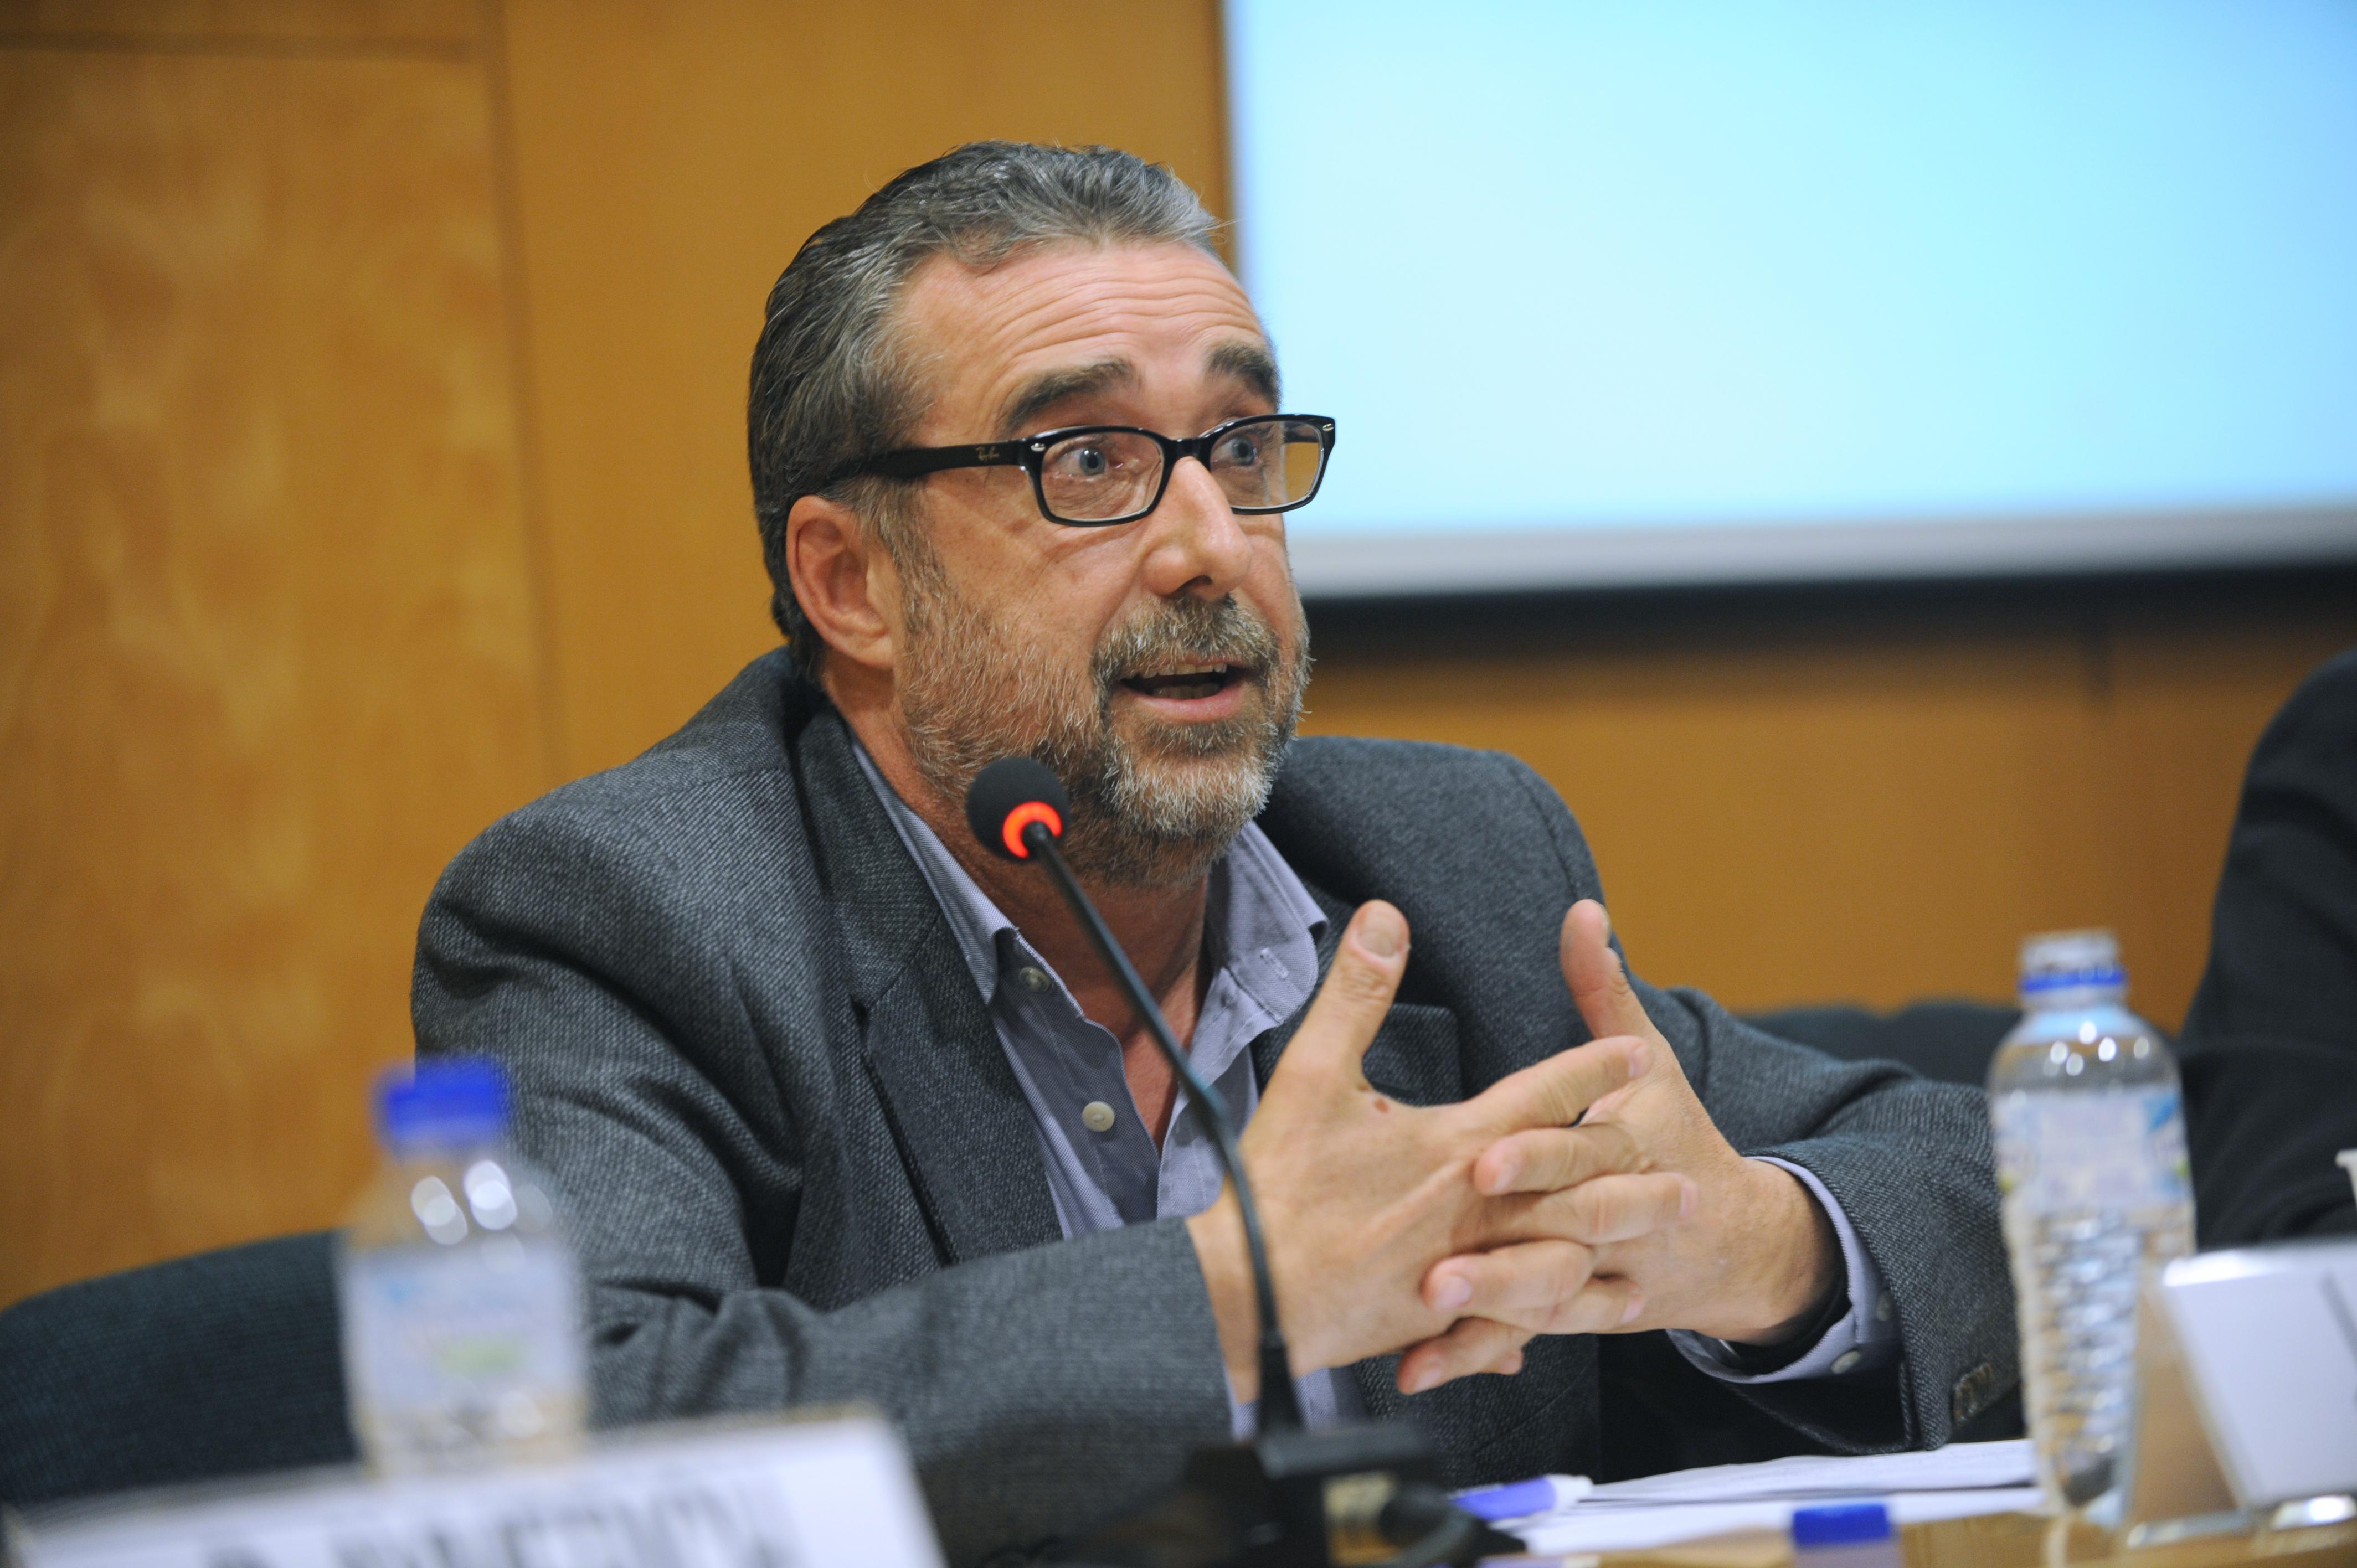 José Cachinero